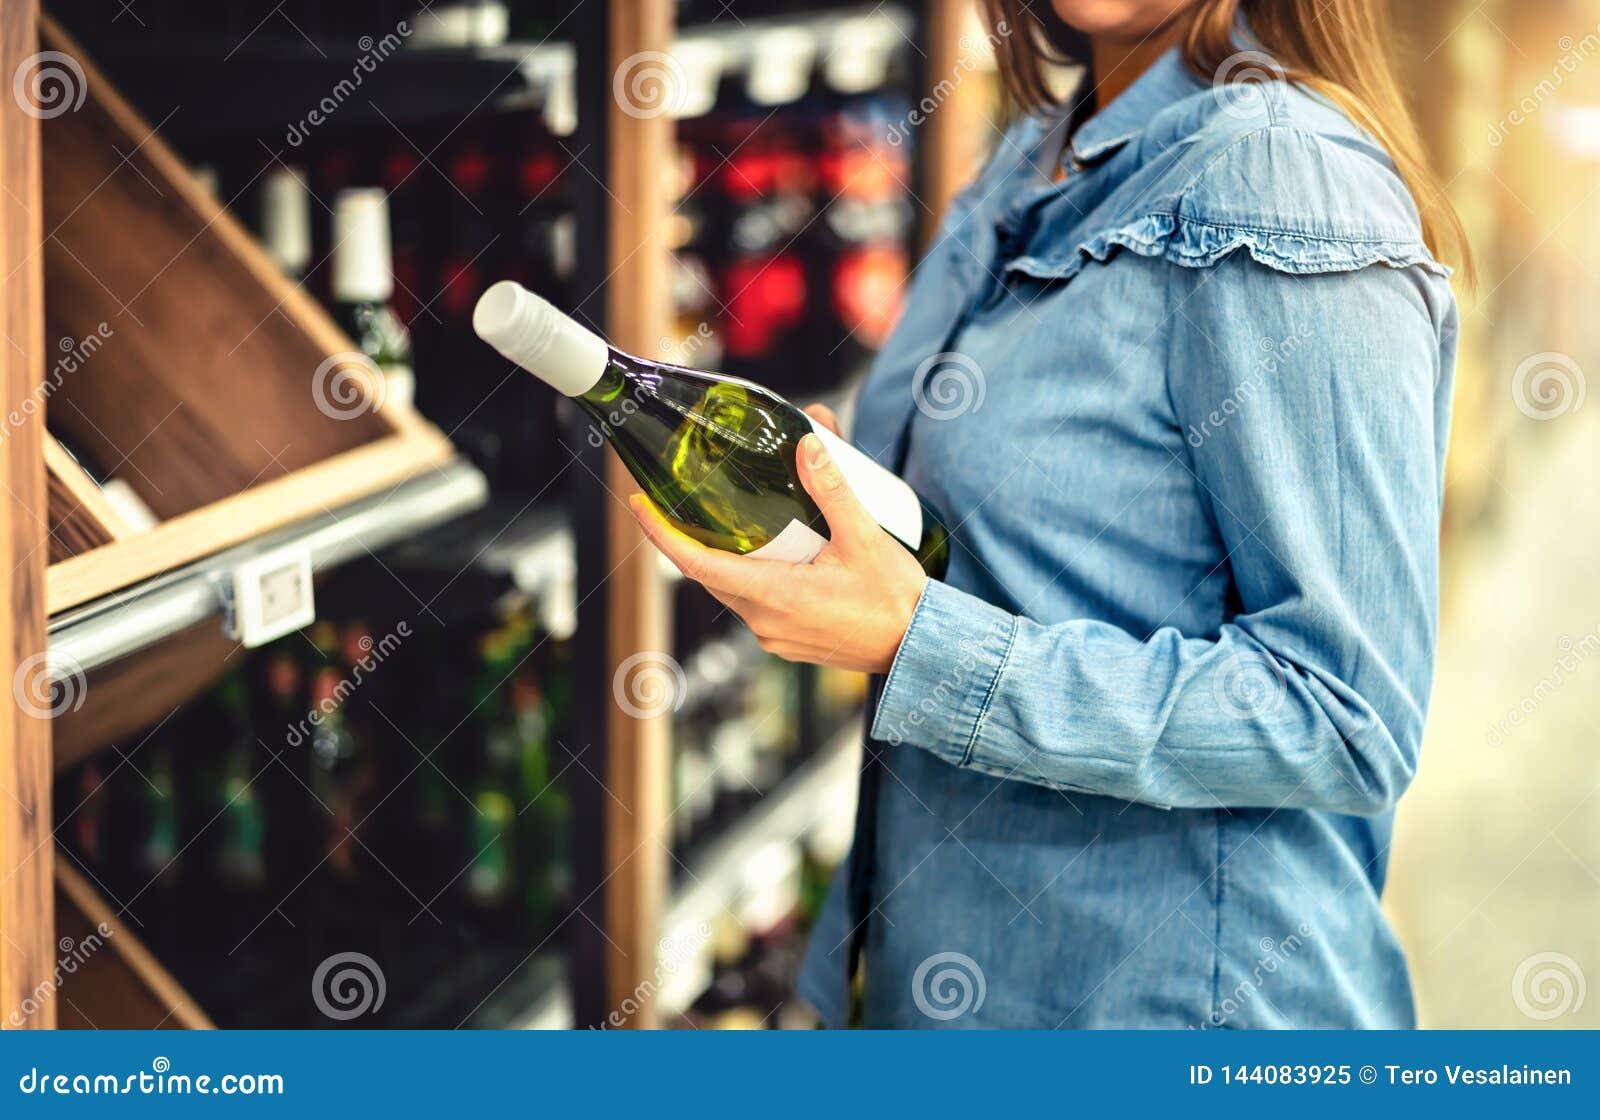 Vinho branco de compra do cliente ou bebida efervescente Corredor do álcool na loja ou no supermercado Garrafa da terra arrendada